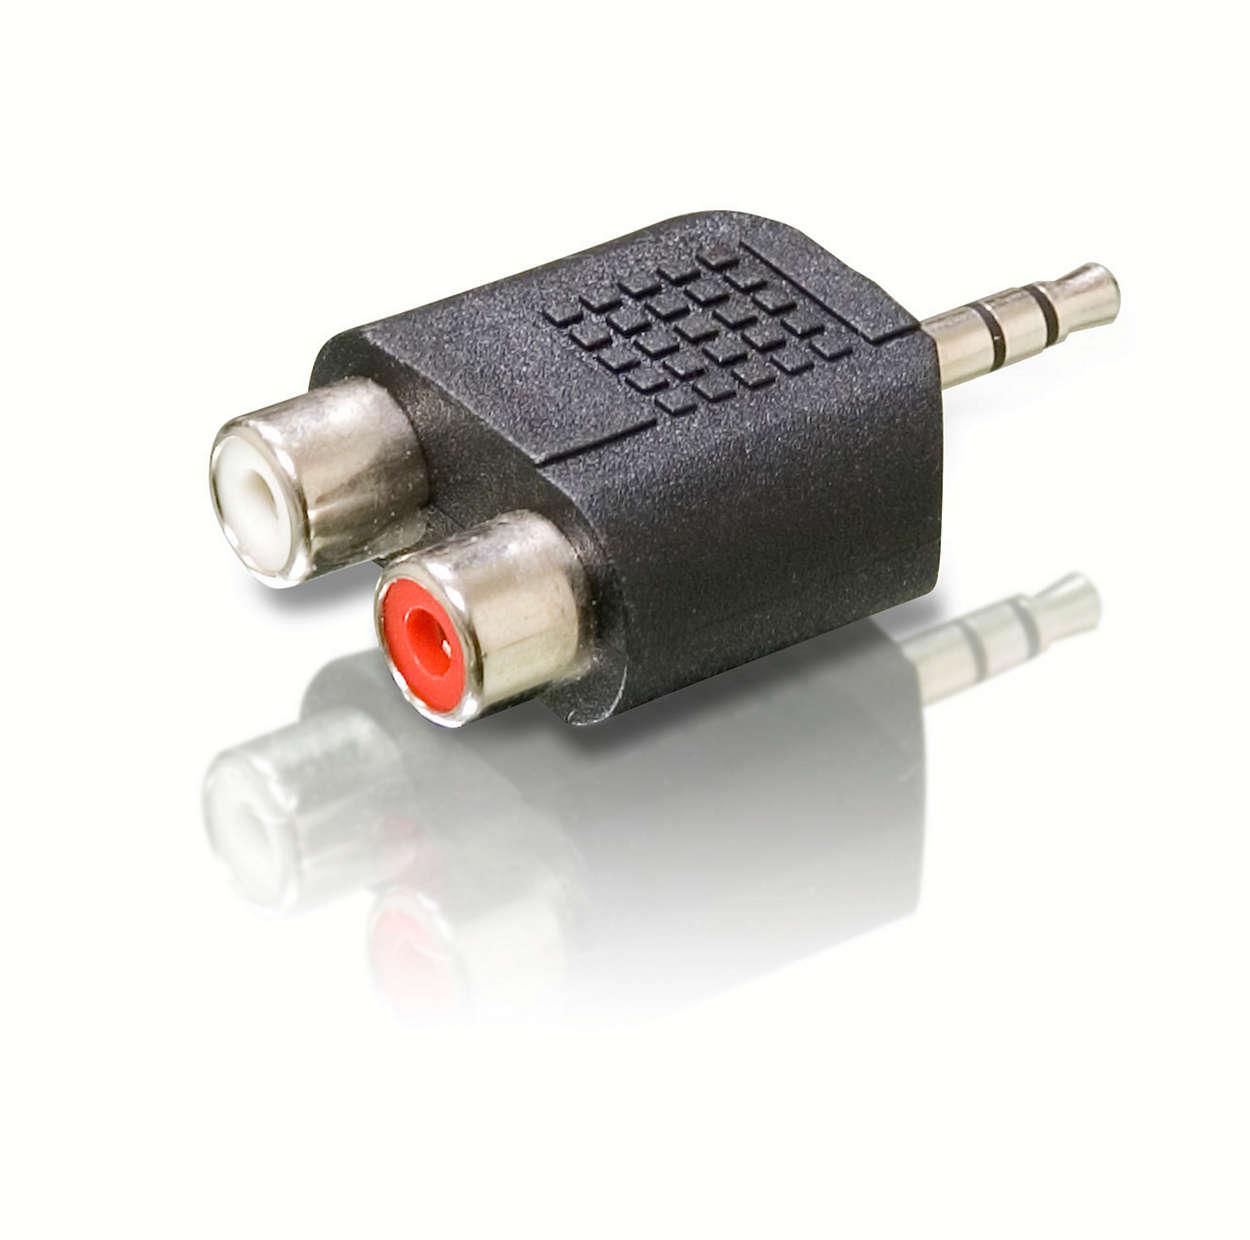 確保穩定可靠的音訊連線